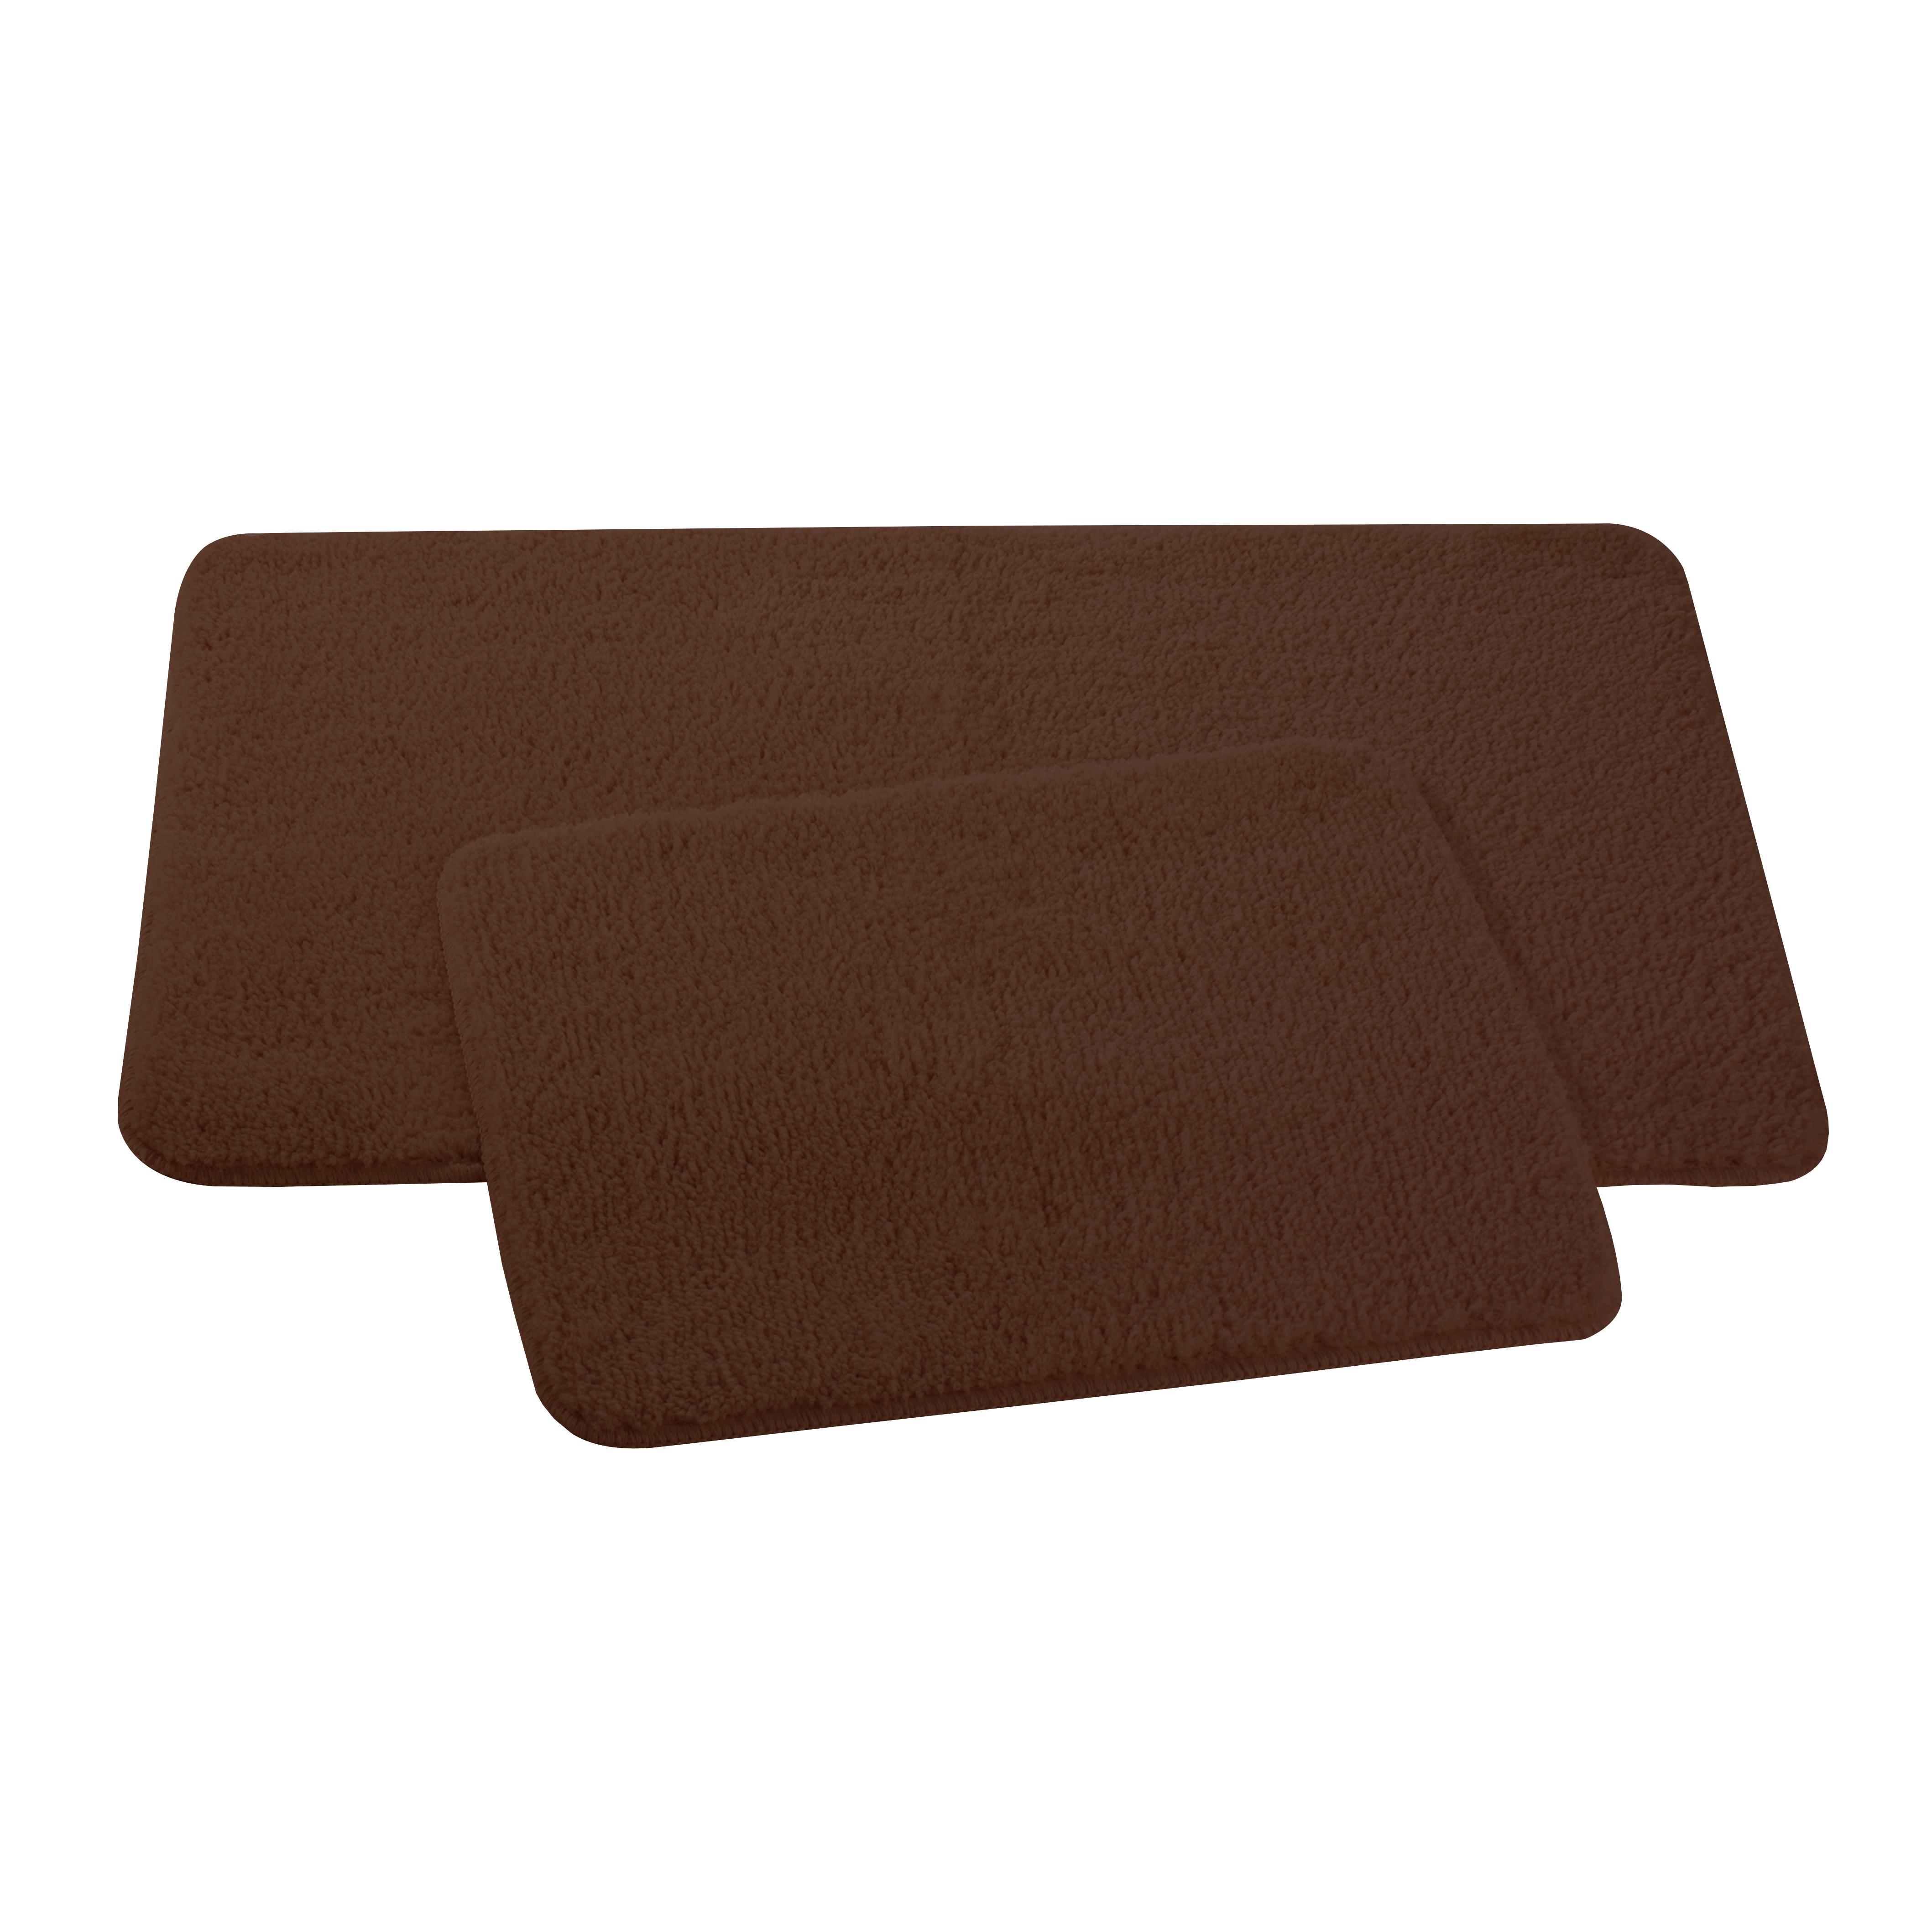 Набор ковриков для ванной и туалета Axentia, цвет: коричневый, 2 шт391602Набор Axentia, выполненный из микрофибры (100% полиэстер), состоит из двух стеганых ковриков для ванной комнаты и туалета. Противоскользящее основание изготовлено из термопластичной резины и подходит для полов с подогревом. Коврики мягкие и приятные на ощупь, отлично впитывают влагу и быстро сохнут. Высокая износостойкость ковриков и стойкость цвета позволит вам наслаждаться покупкой долгие годы. Можно стирать в стиральной машине. Размер ковриков: 50 х 80 см; 50 х 40 см.Высота ворса 1,5 см.